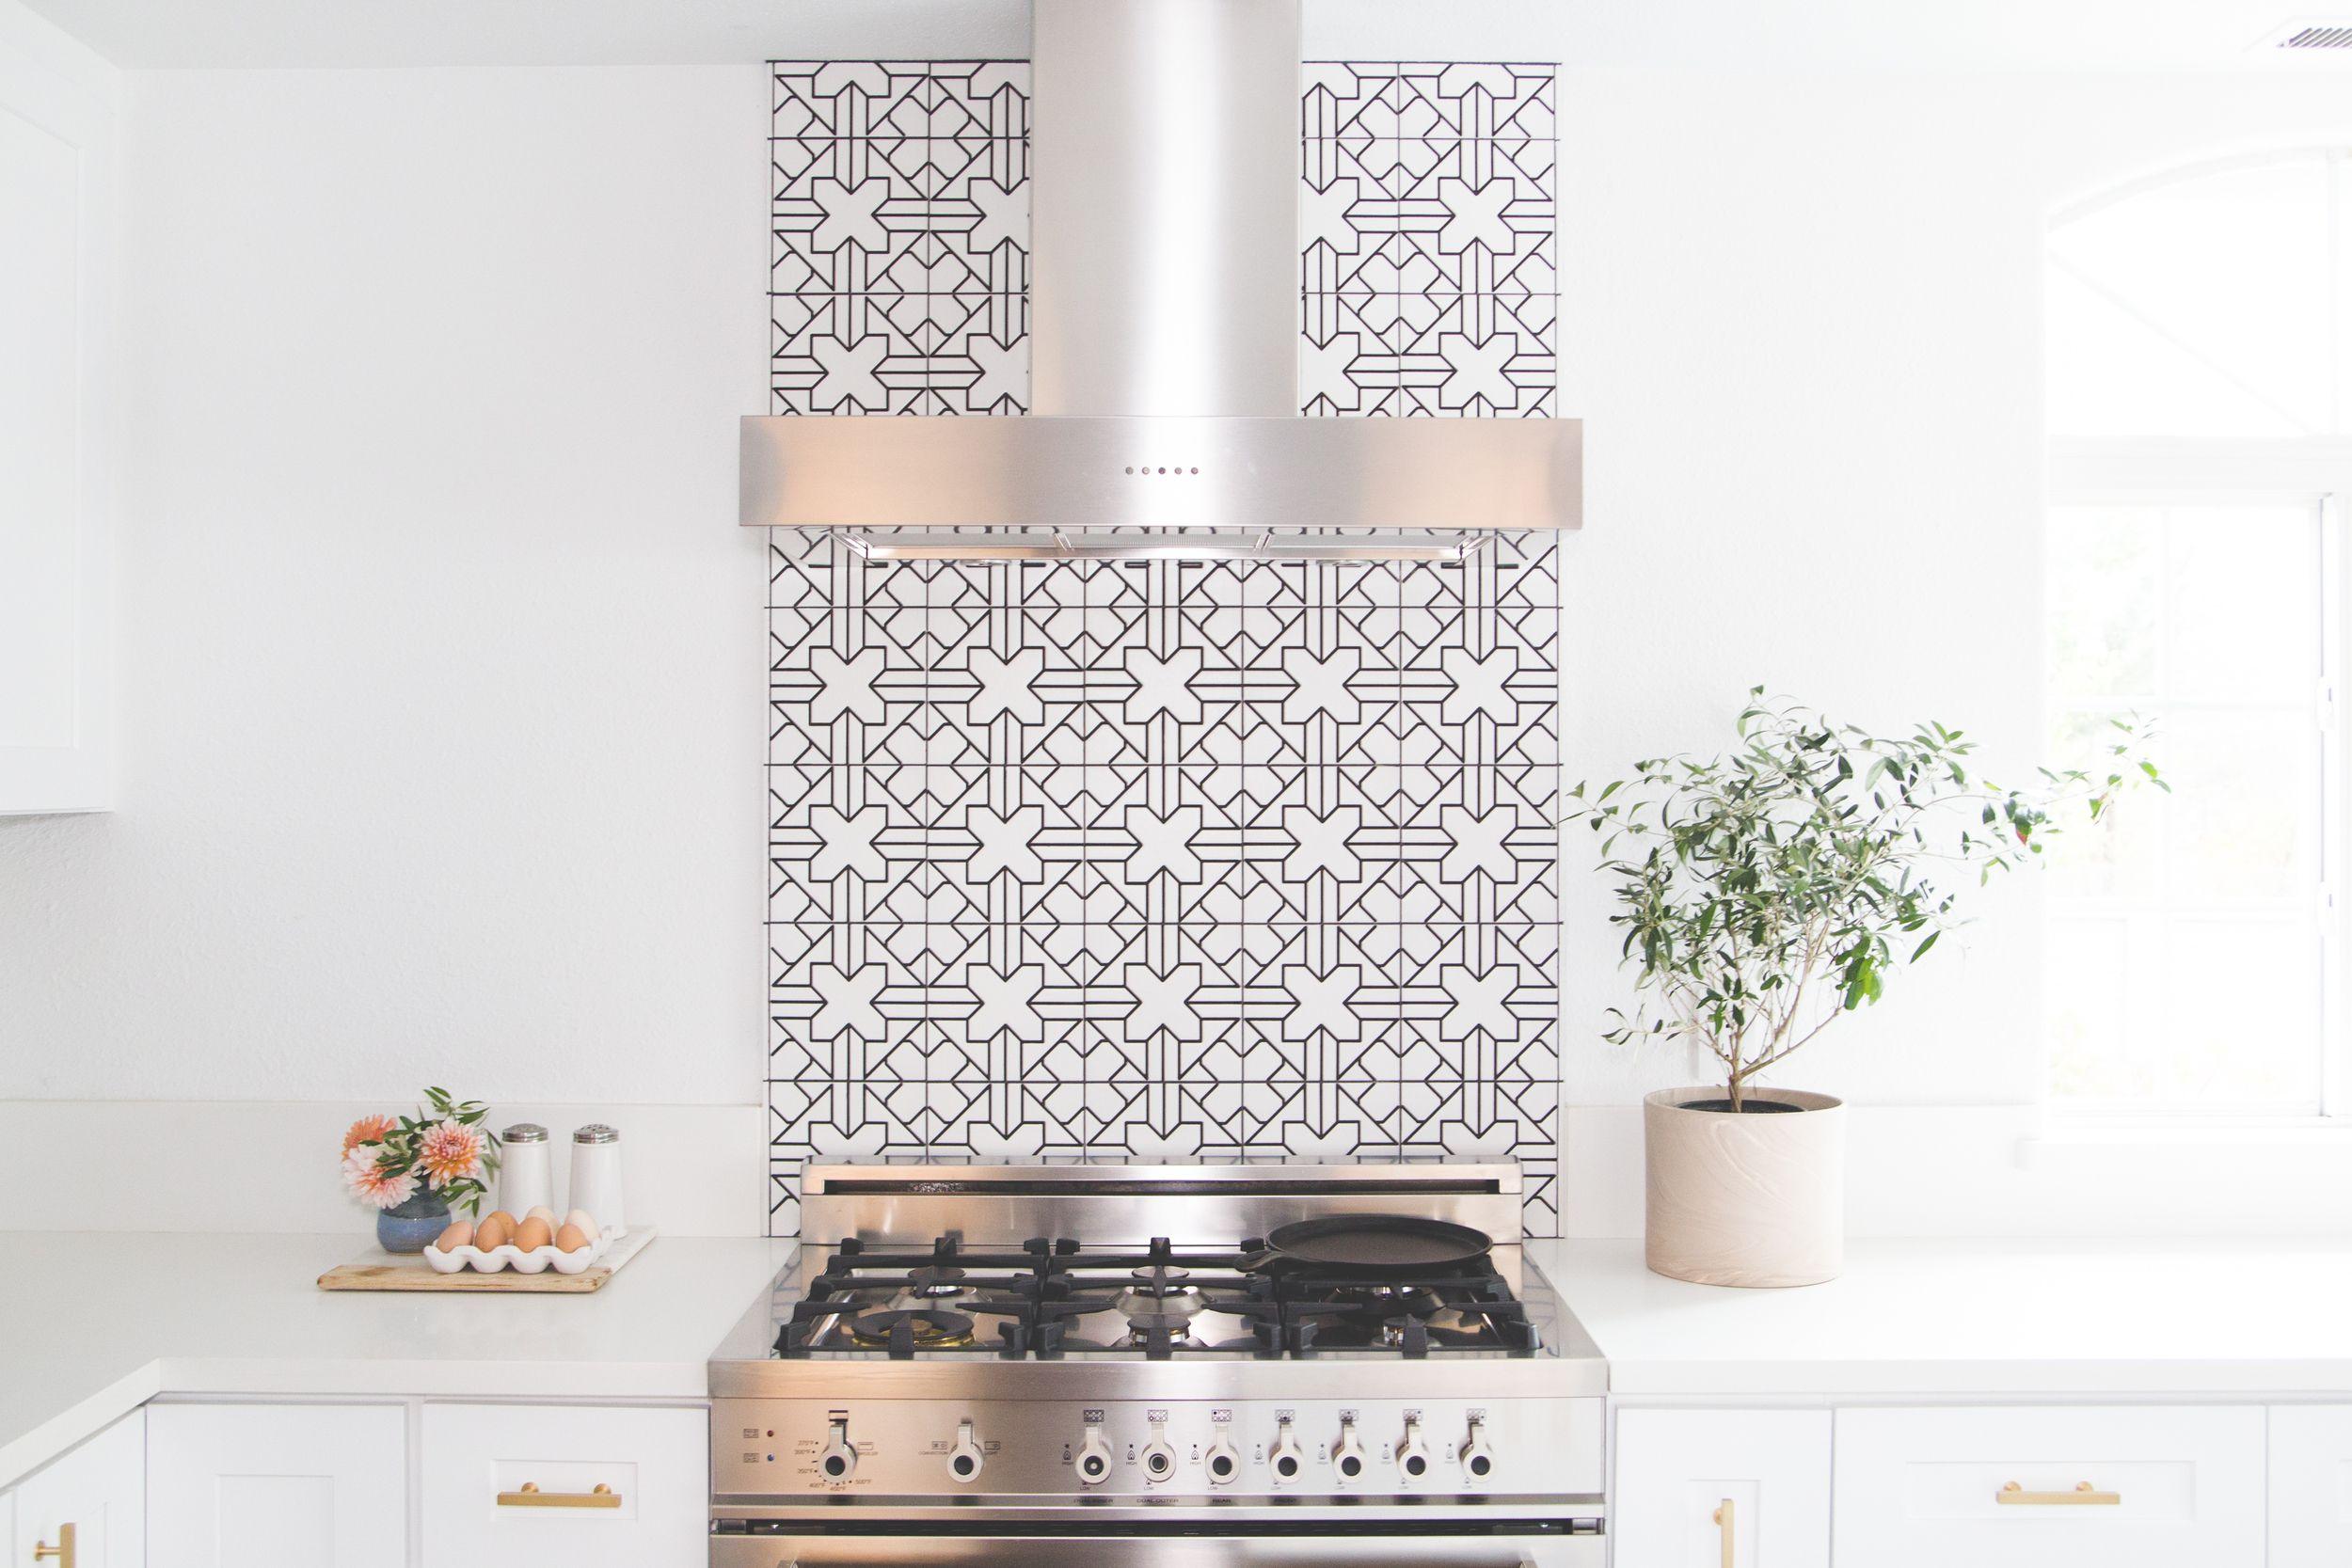 51 Insanely Chic Kitchen Backsplashes & Best Kitchen Backsplash Ideas - Tile Designs for Kitchen Backsplashes